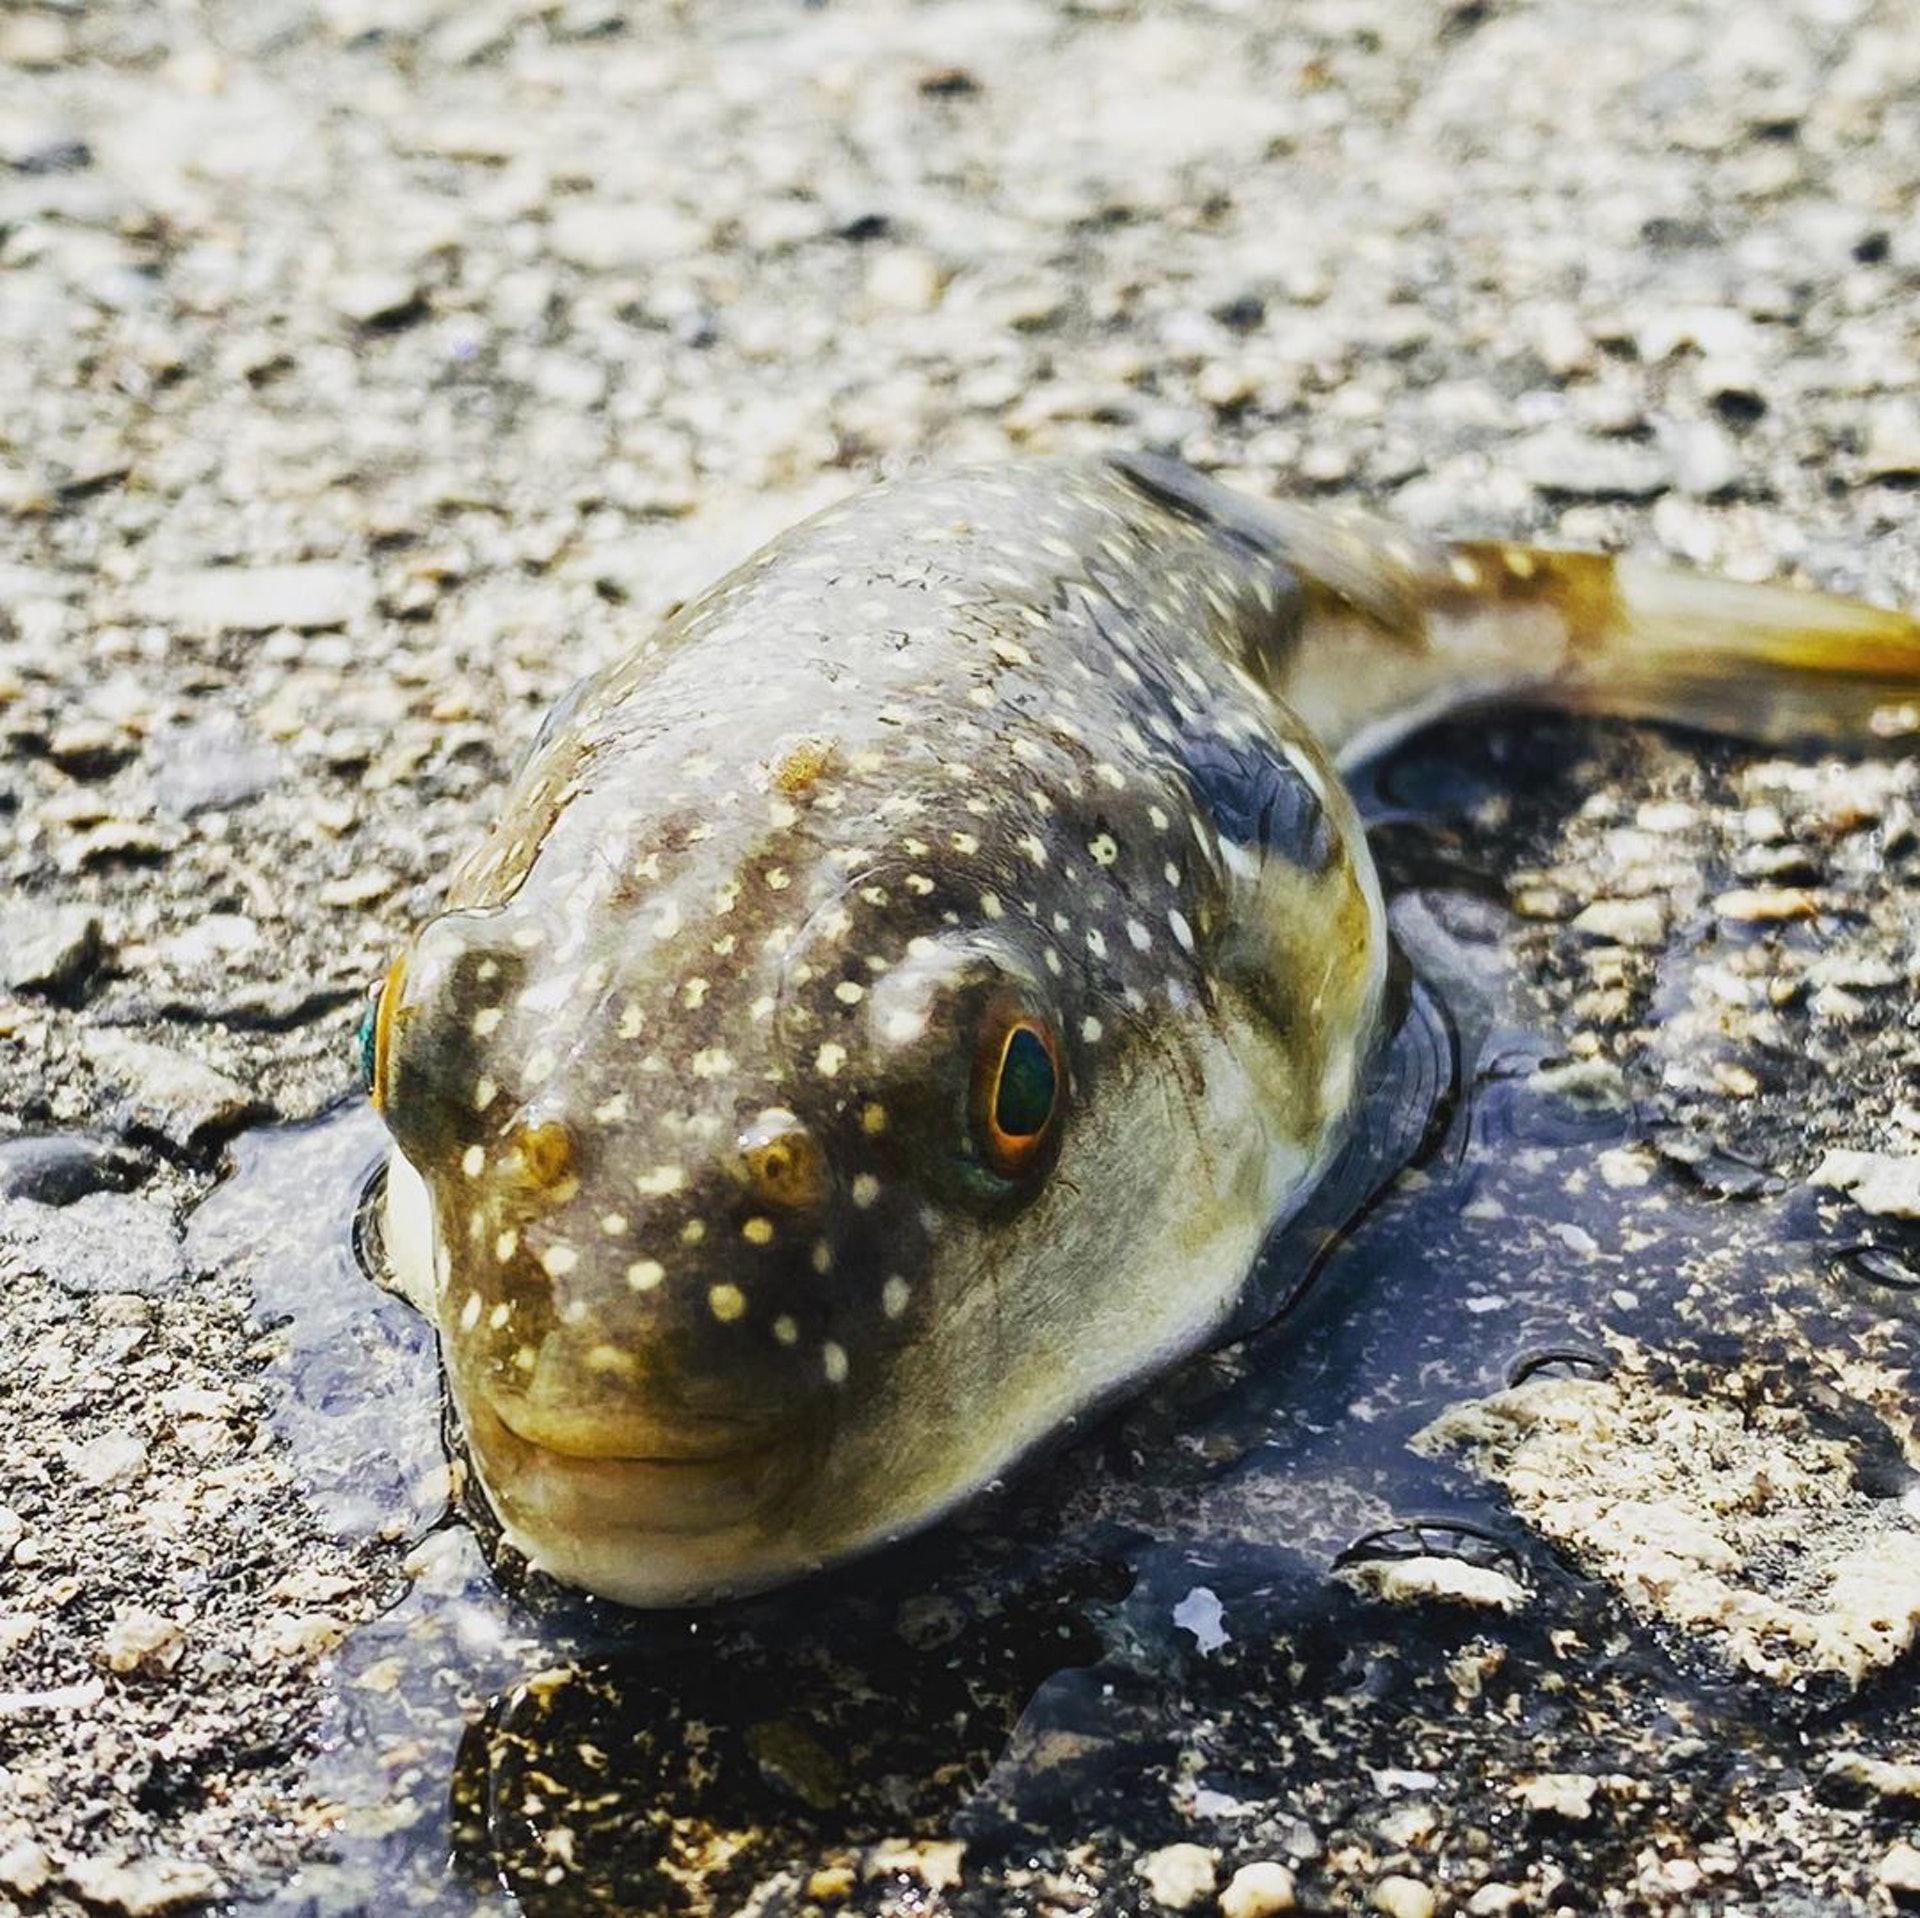 河豚的內臟包含肝臟、卵巢等都具有毒性,會讓人嘴舌甚至身體麻痹,最糟糕的情況下還會造成死亡。(IG@hachimitsu547)